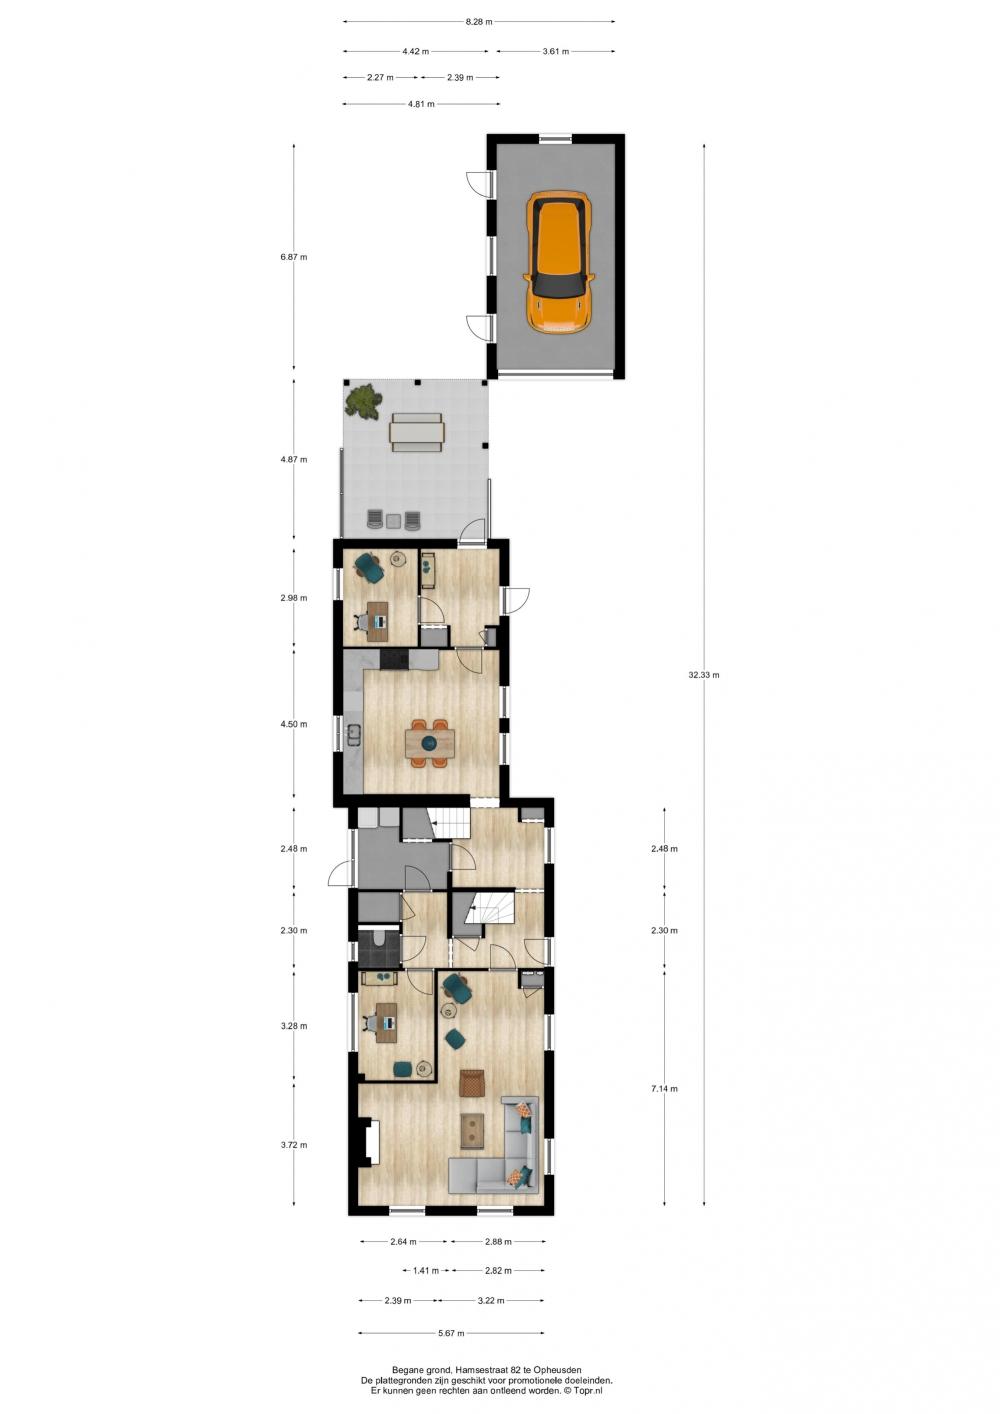 opheusden-hamsestraat-82